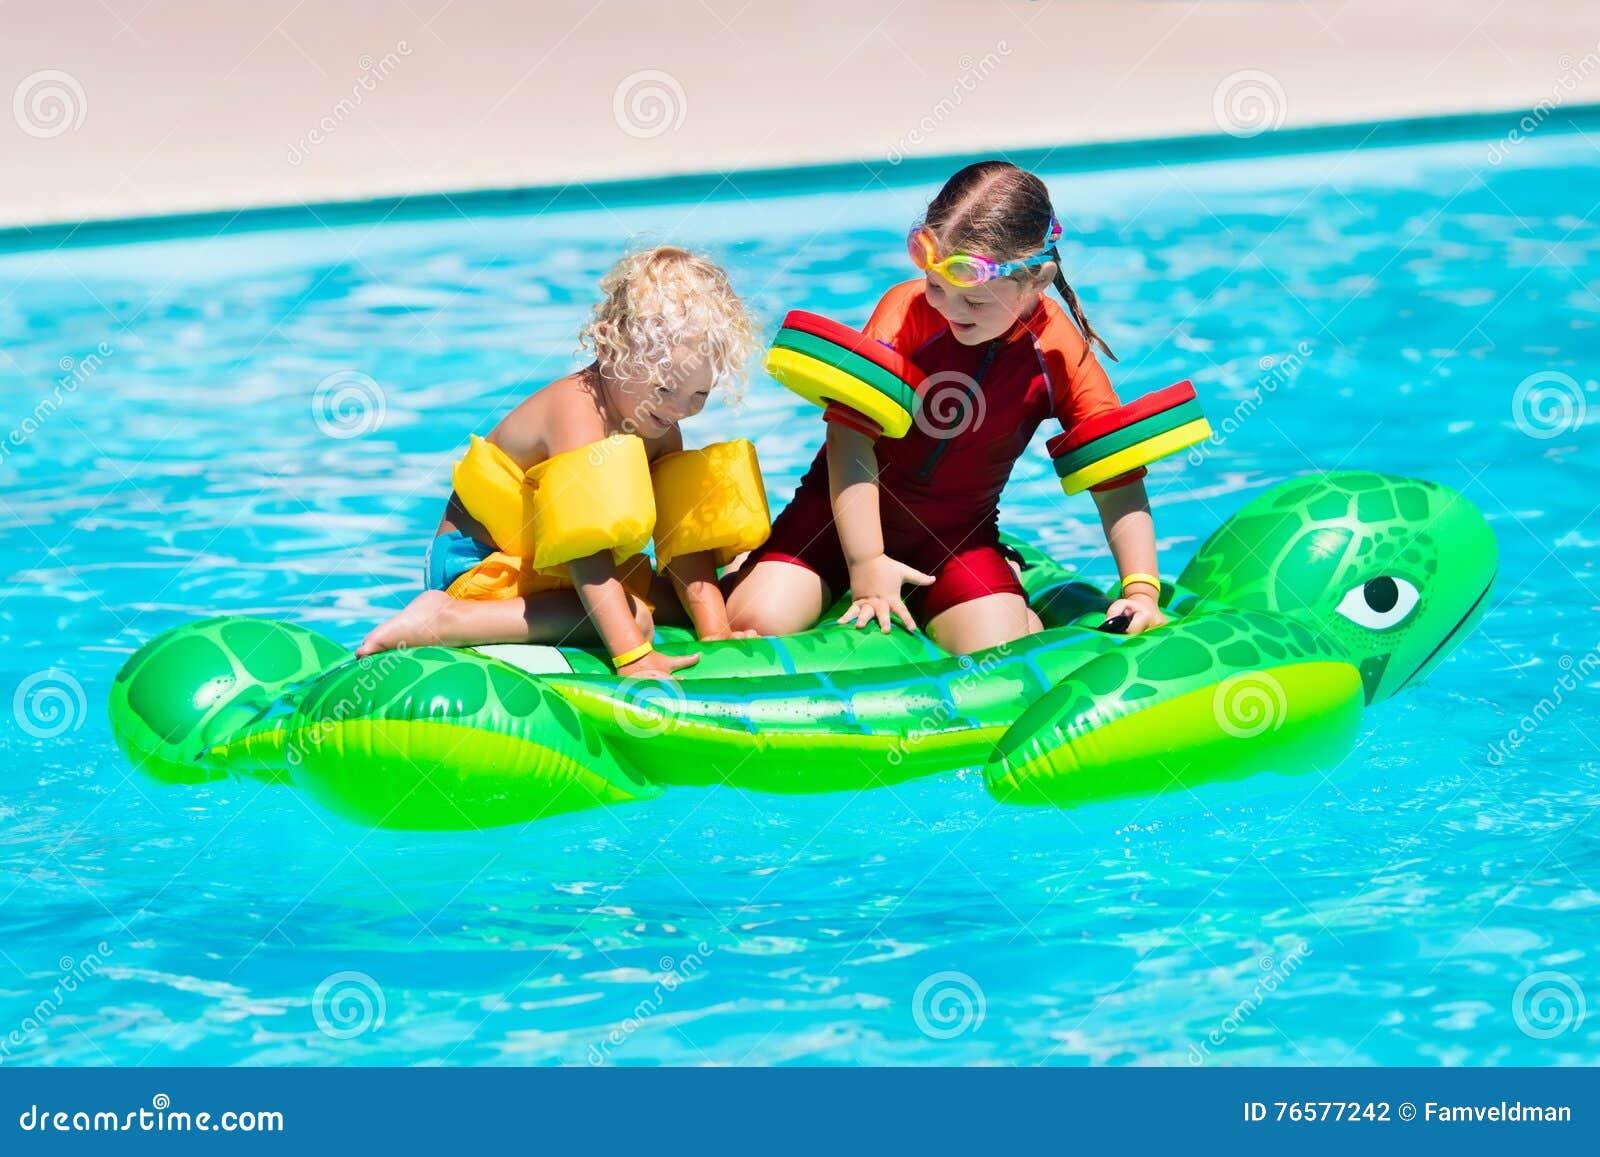 Enfants Dans La Piscine Avec Le Jouet Gonflable Photo Stock Image